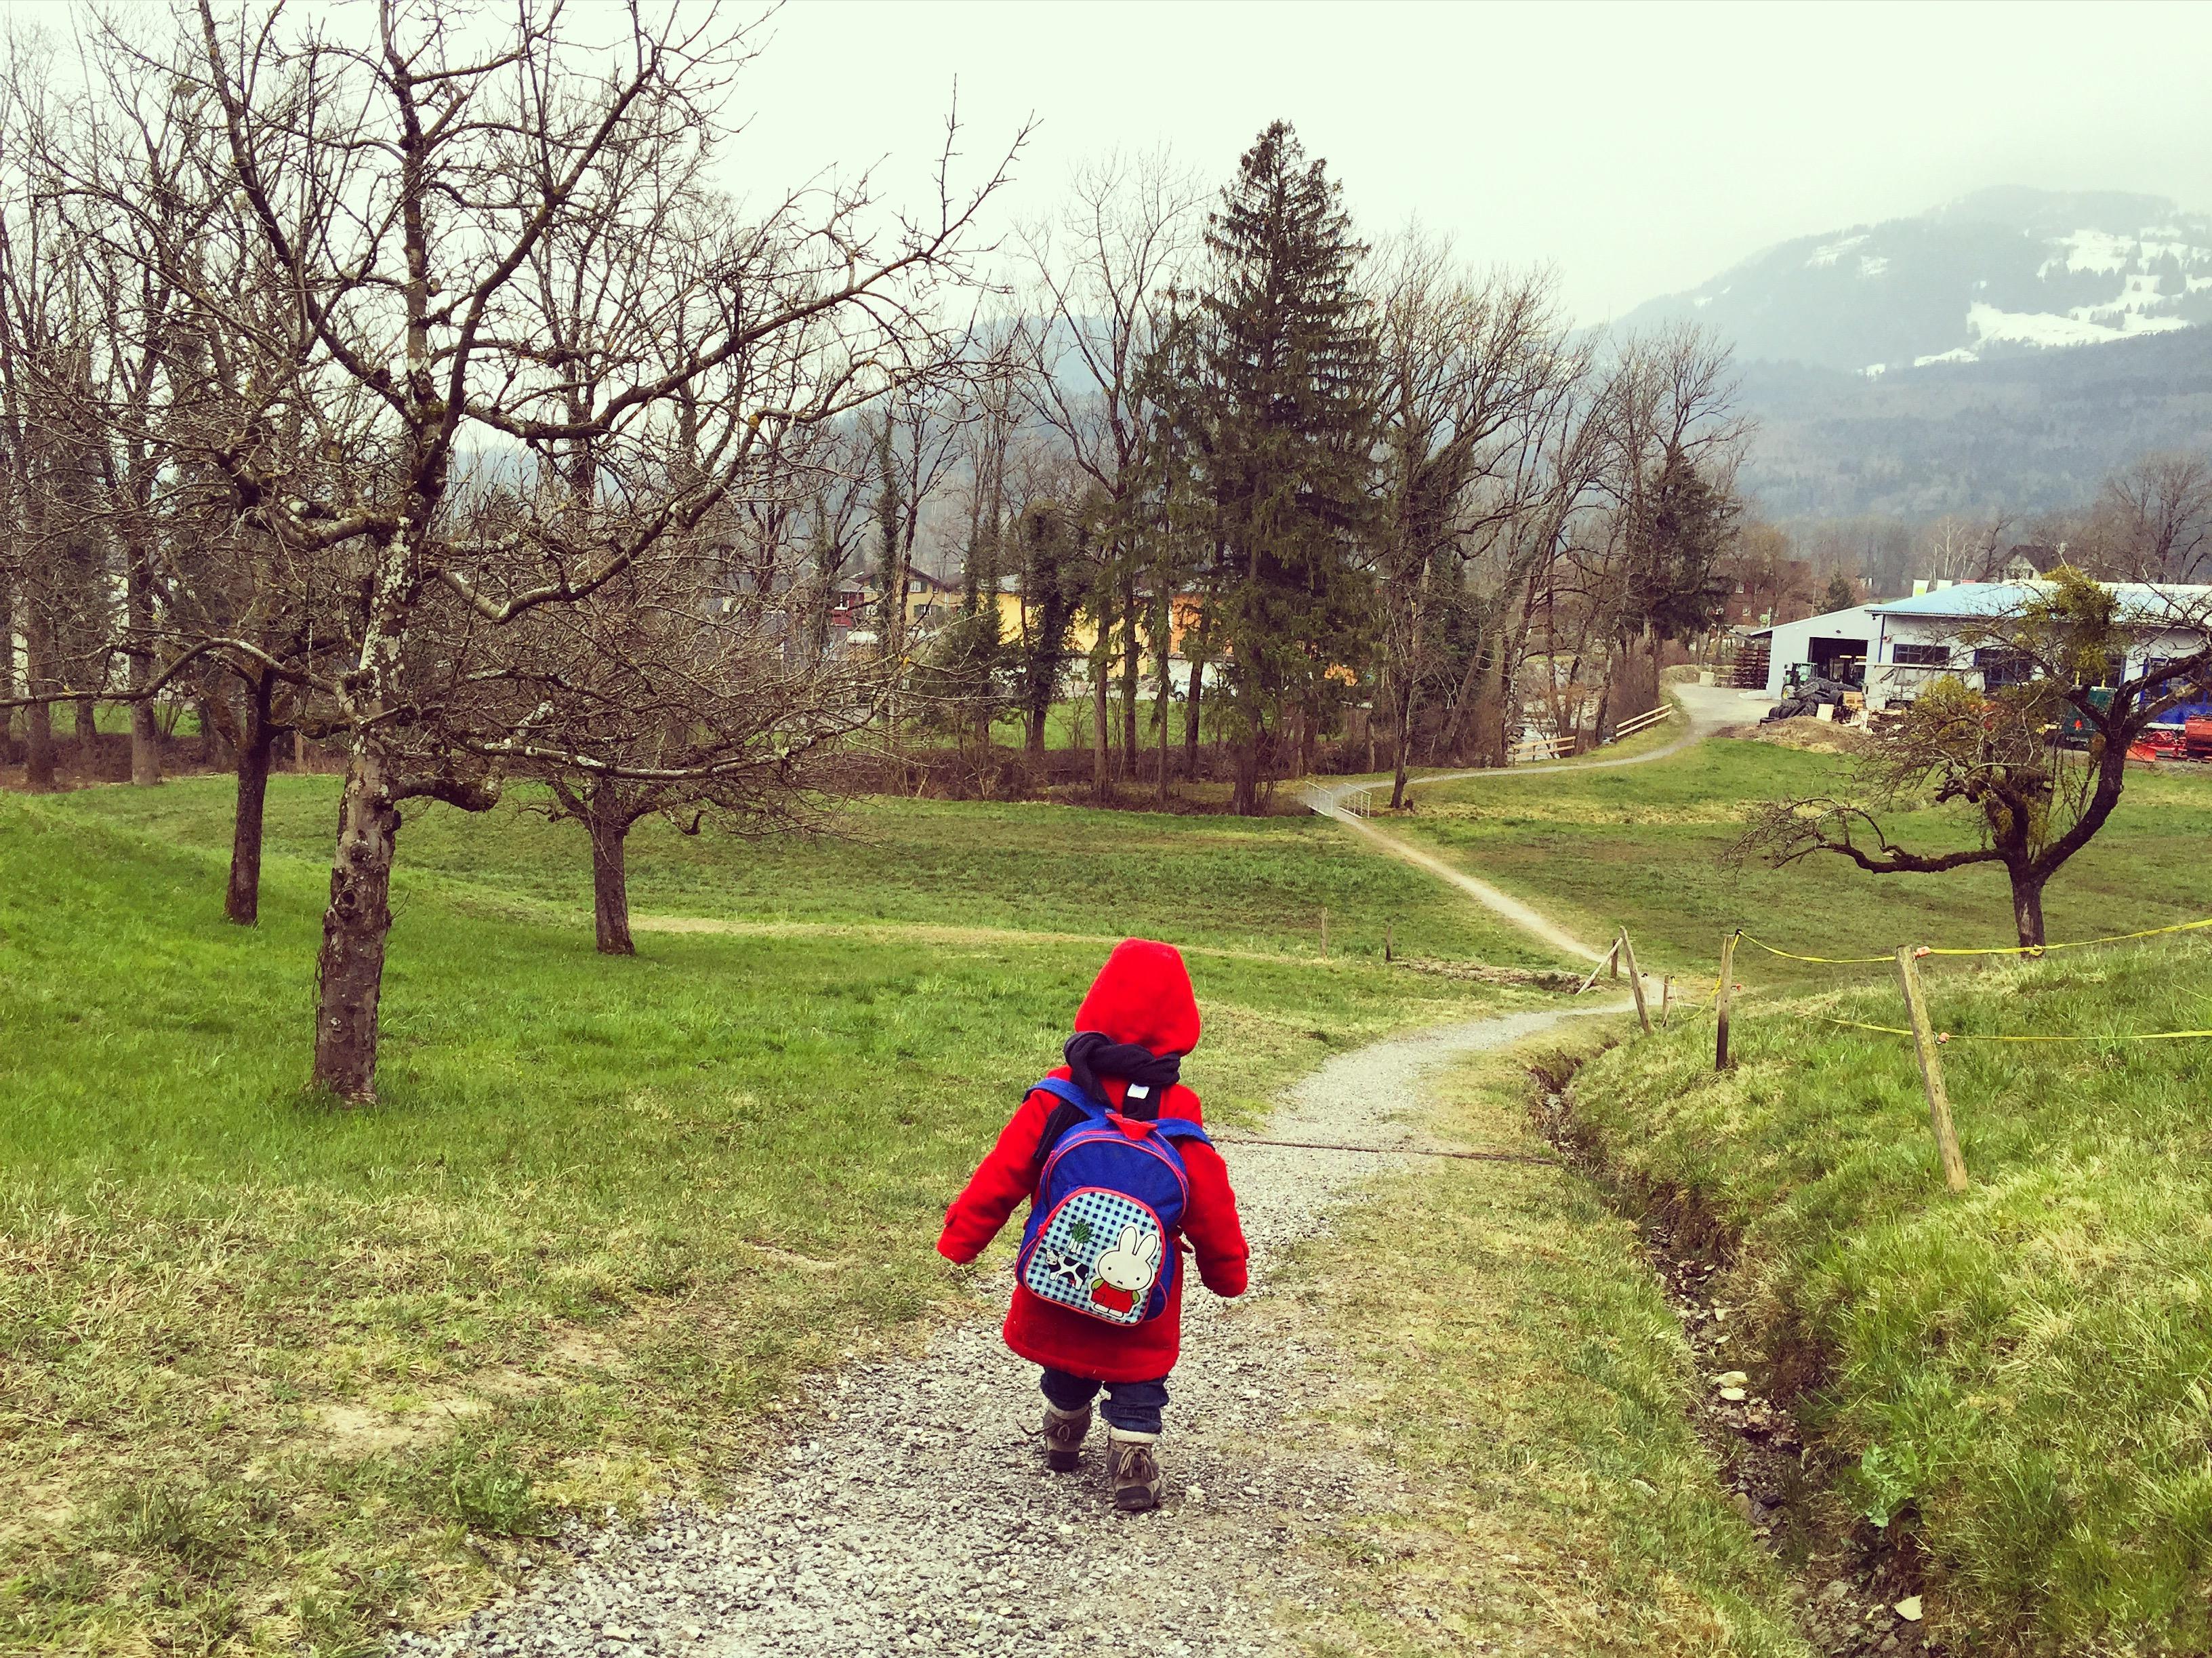 Omdat ze de hele woensdagochtend met haar rugzakje loopt te verkondigen dat ze naar school gaat, besluit ik even een stukje met haar te wandelen.